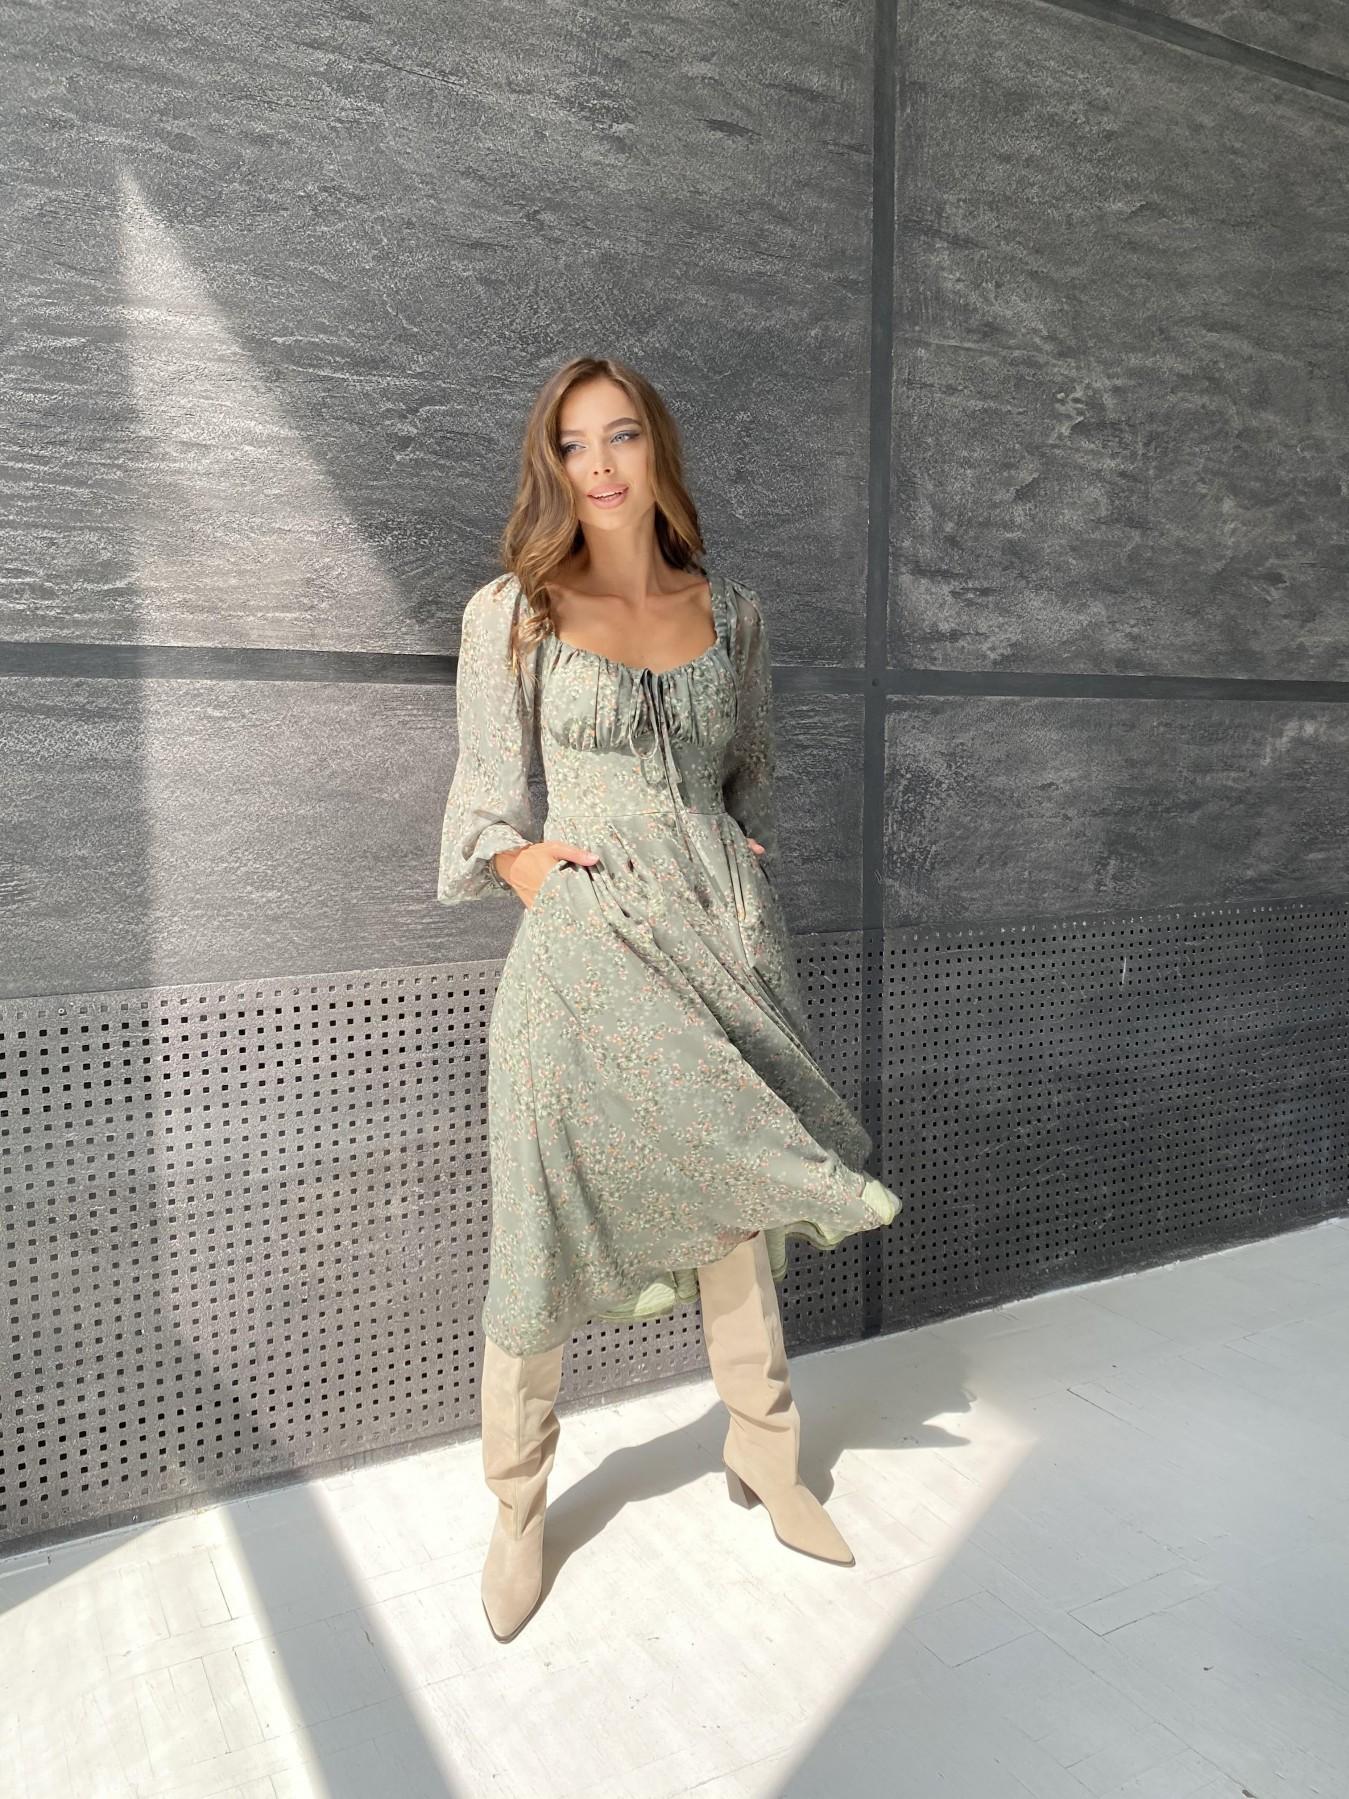 Кисес платье из шифона с цветочным принтом 11774 АРТ. 48507 Цвет: Зеленый/ЦветыНаВетке - фото 3, интернет магазин tm-modus.ru